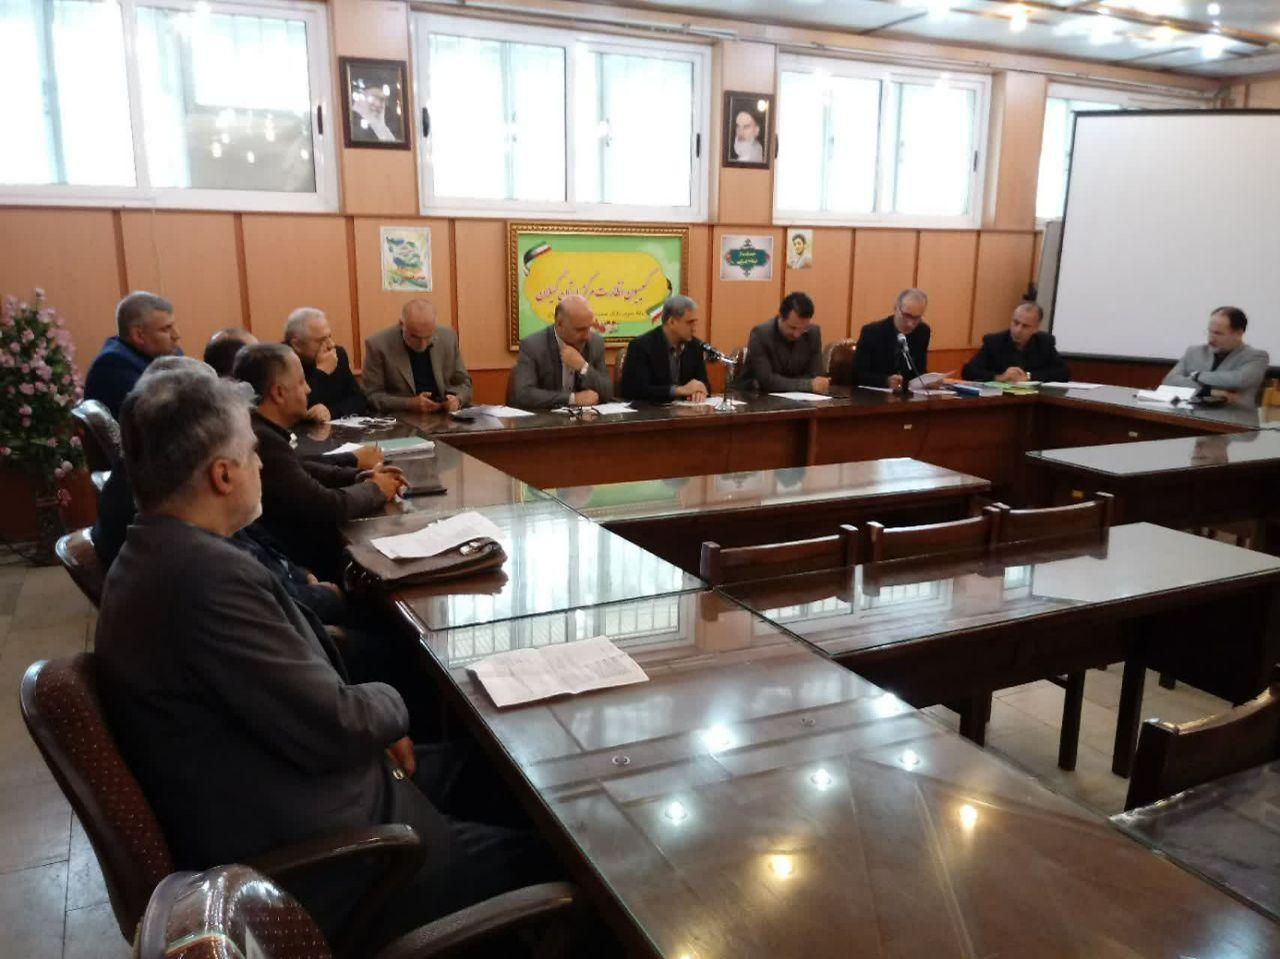 رئیس کمیسیون +نظارت مرکز استان گیلان